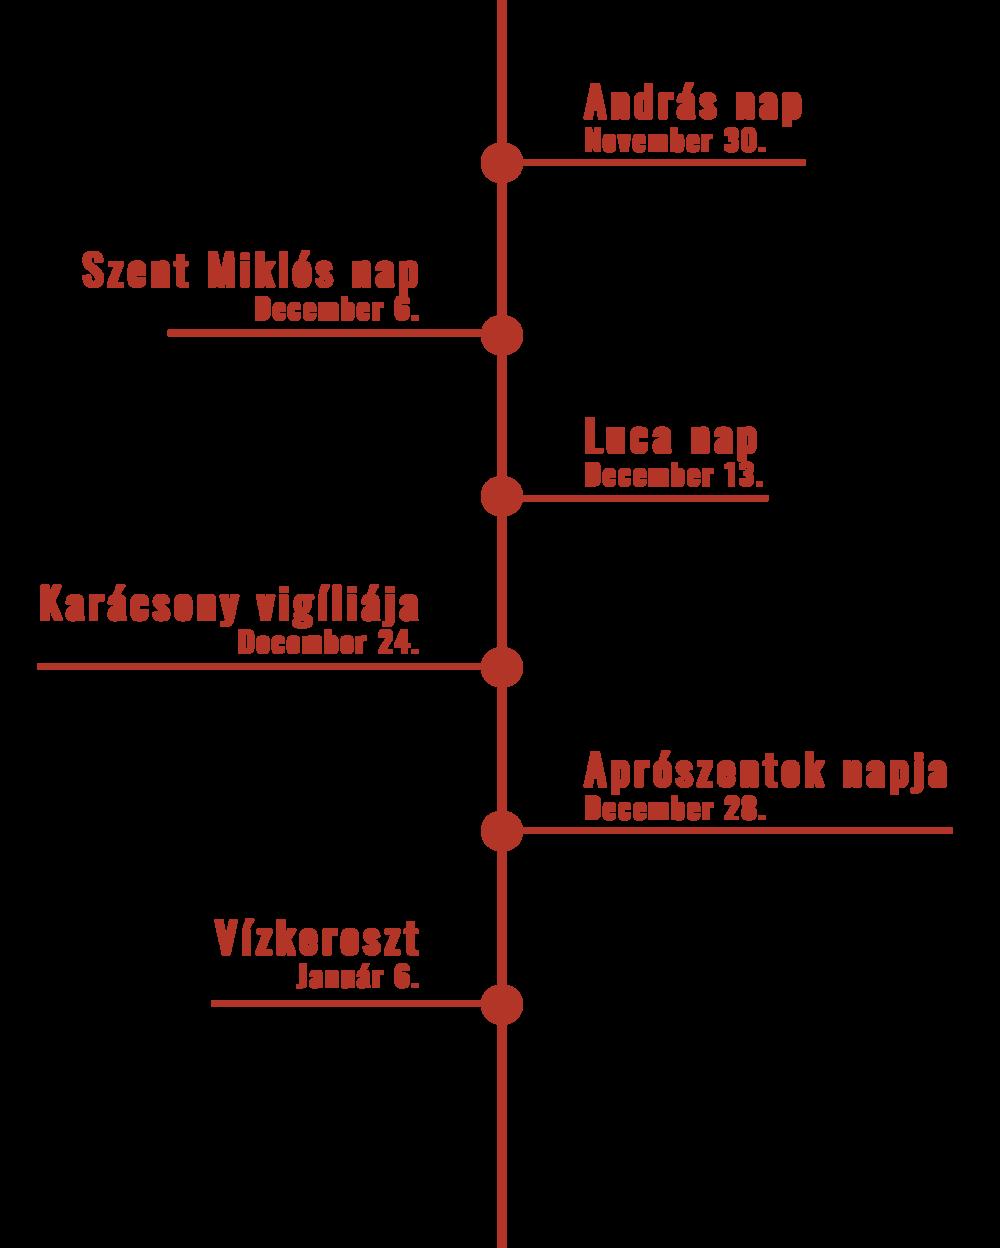 Timeline_New.png